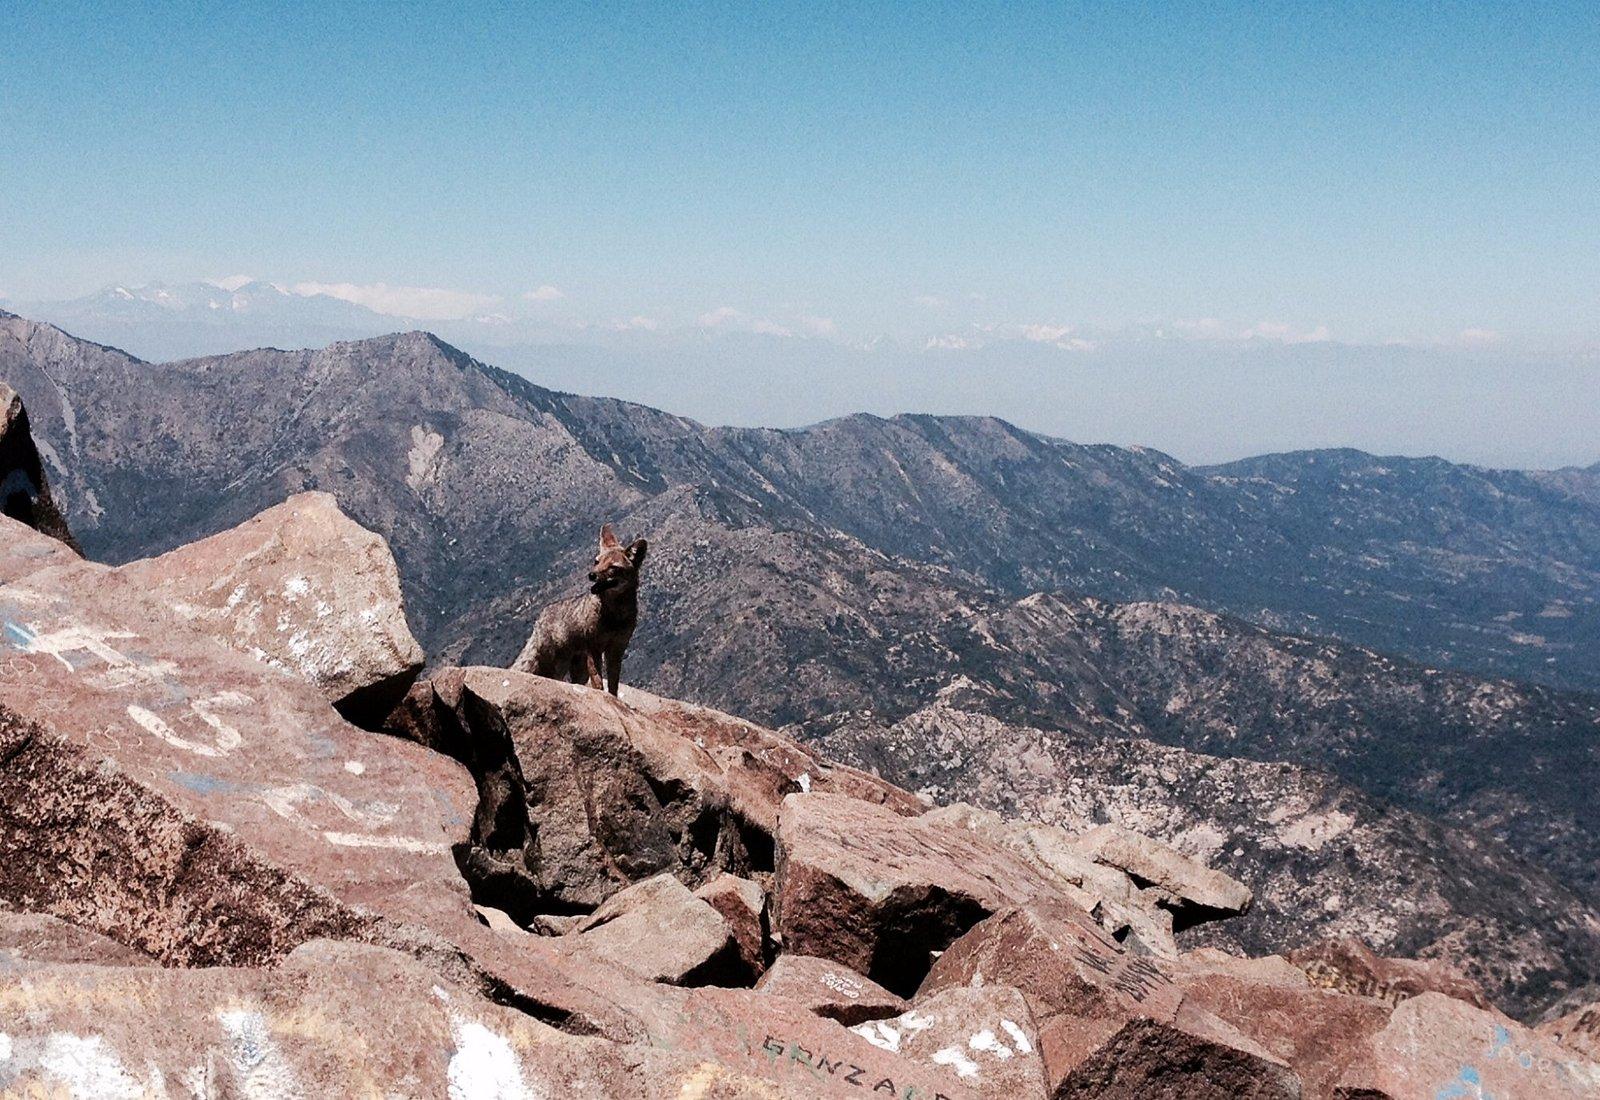 Zorro en la cumbre del cerro la Campana, Olmue